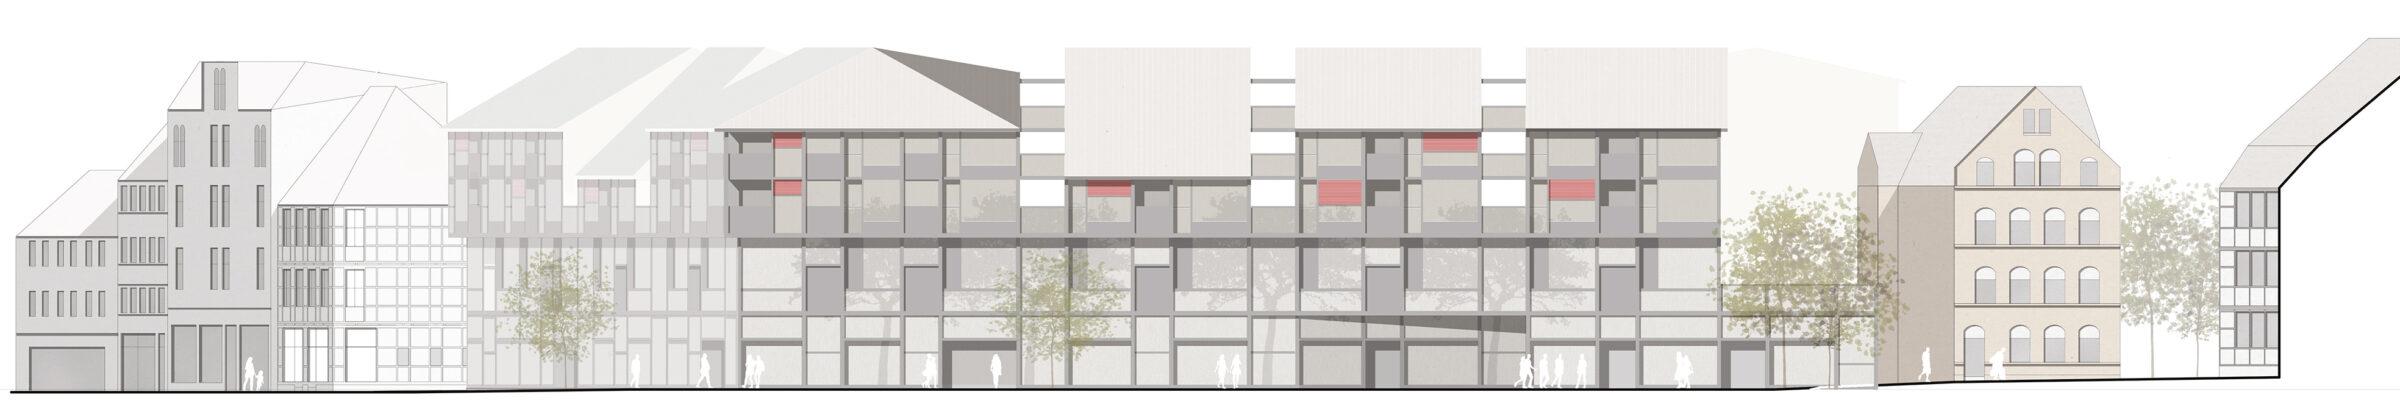 Weender Straße Göttingen Wohnungsbau Wettbewerb dreisterneplus Meili Peter München